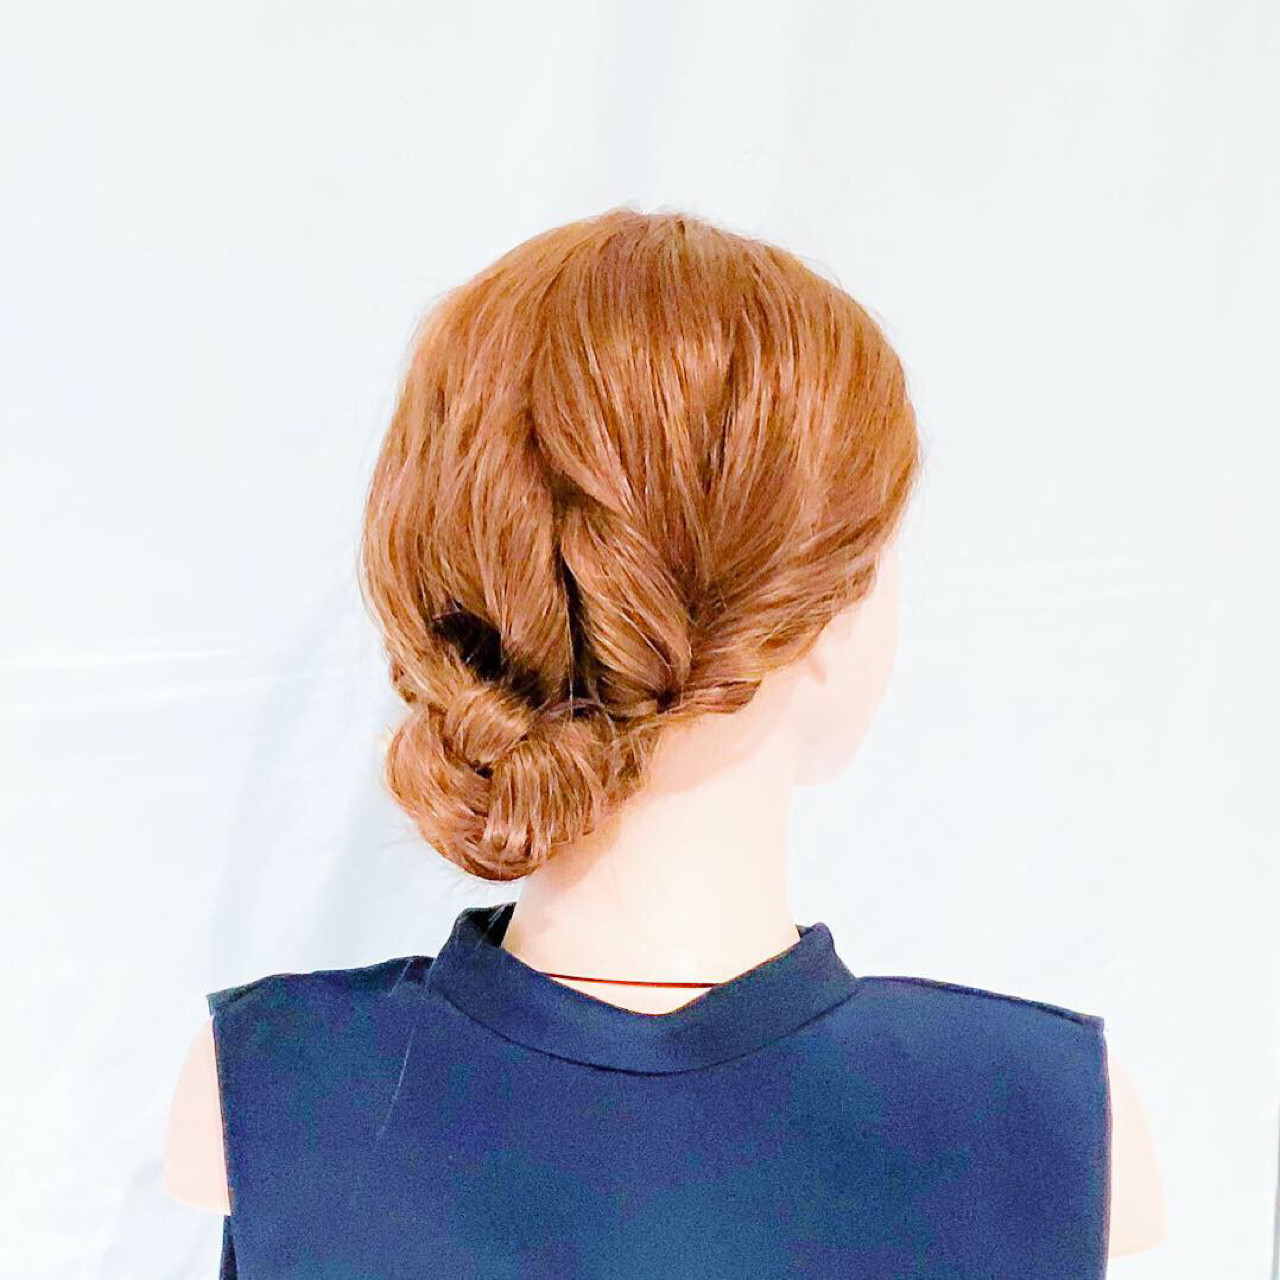 ロング ヘアアレンジ 結婚式 簡単ヘアアレンジ ヘアスタイルや髪型の写真・画像   美容師HIRO/Amoute代表 / Amoute/アムティ